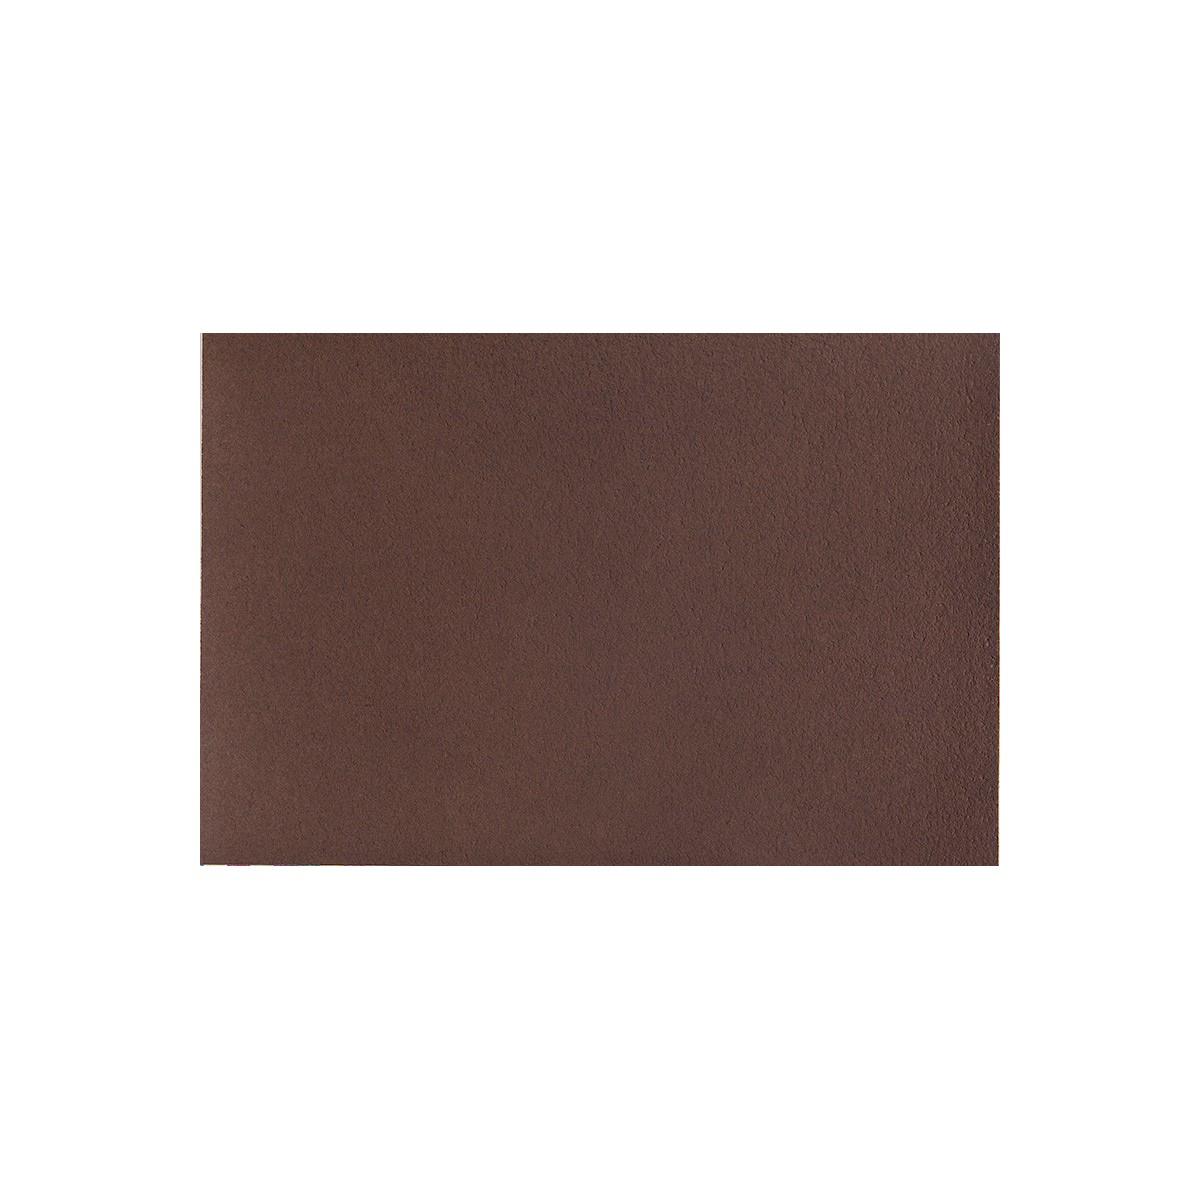 Cork fabric Natural Brown